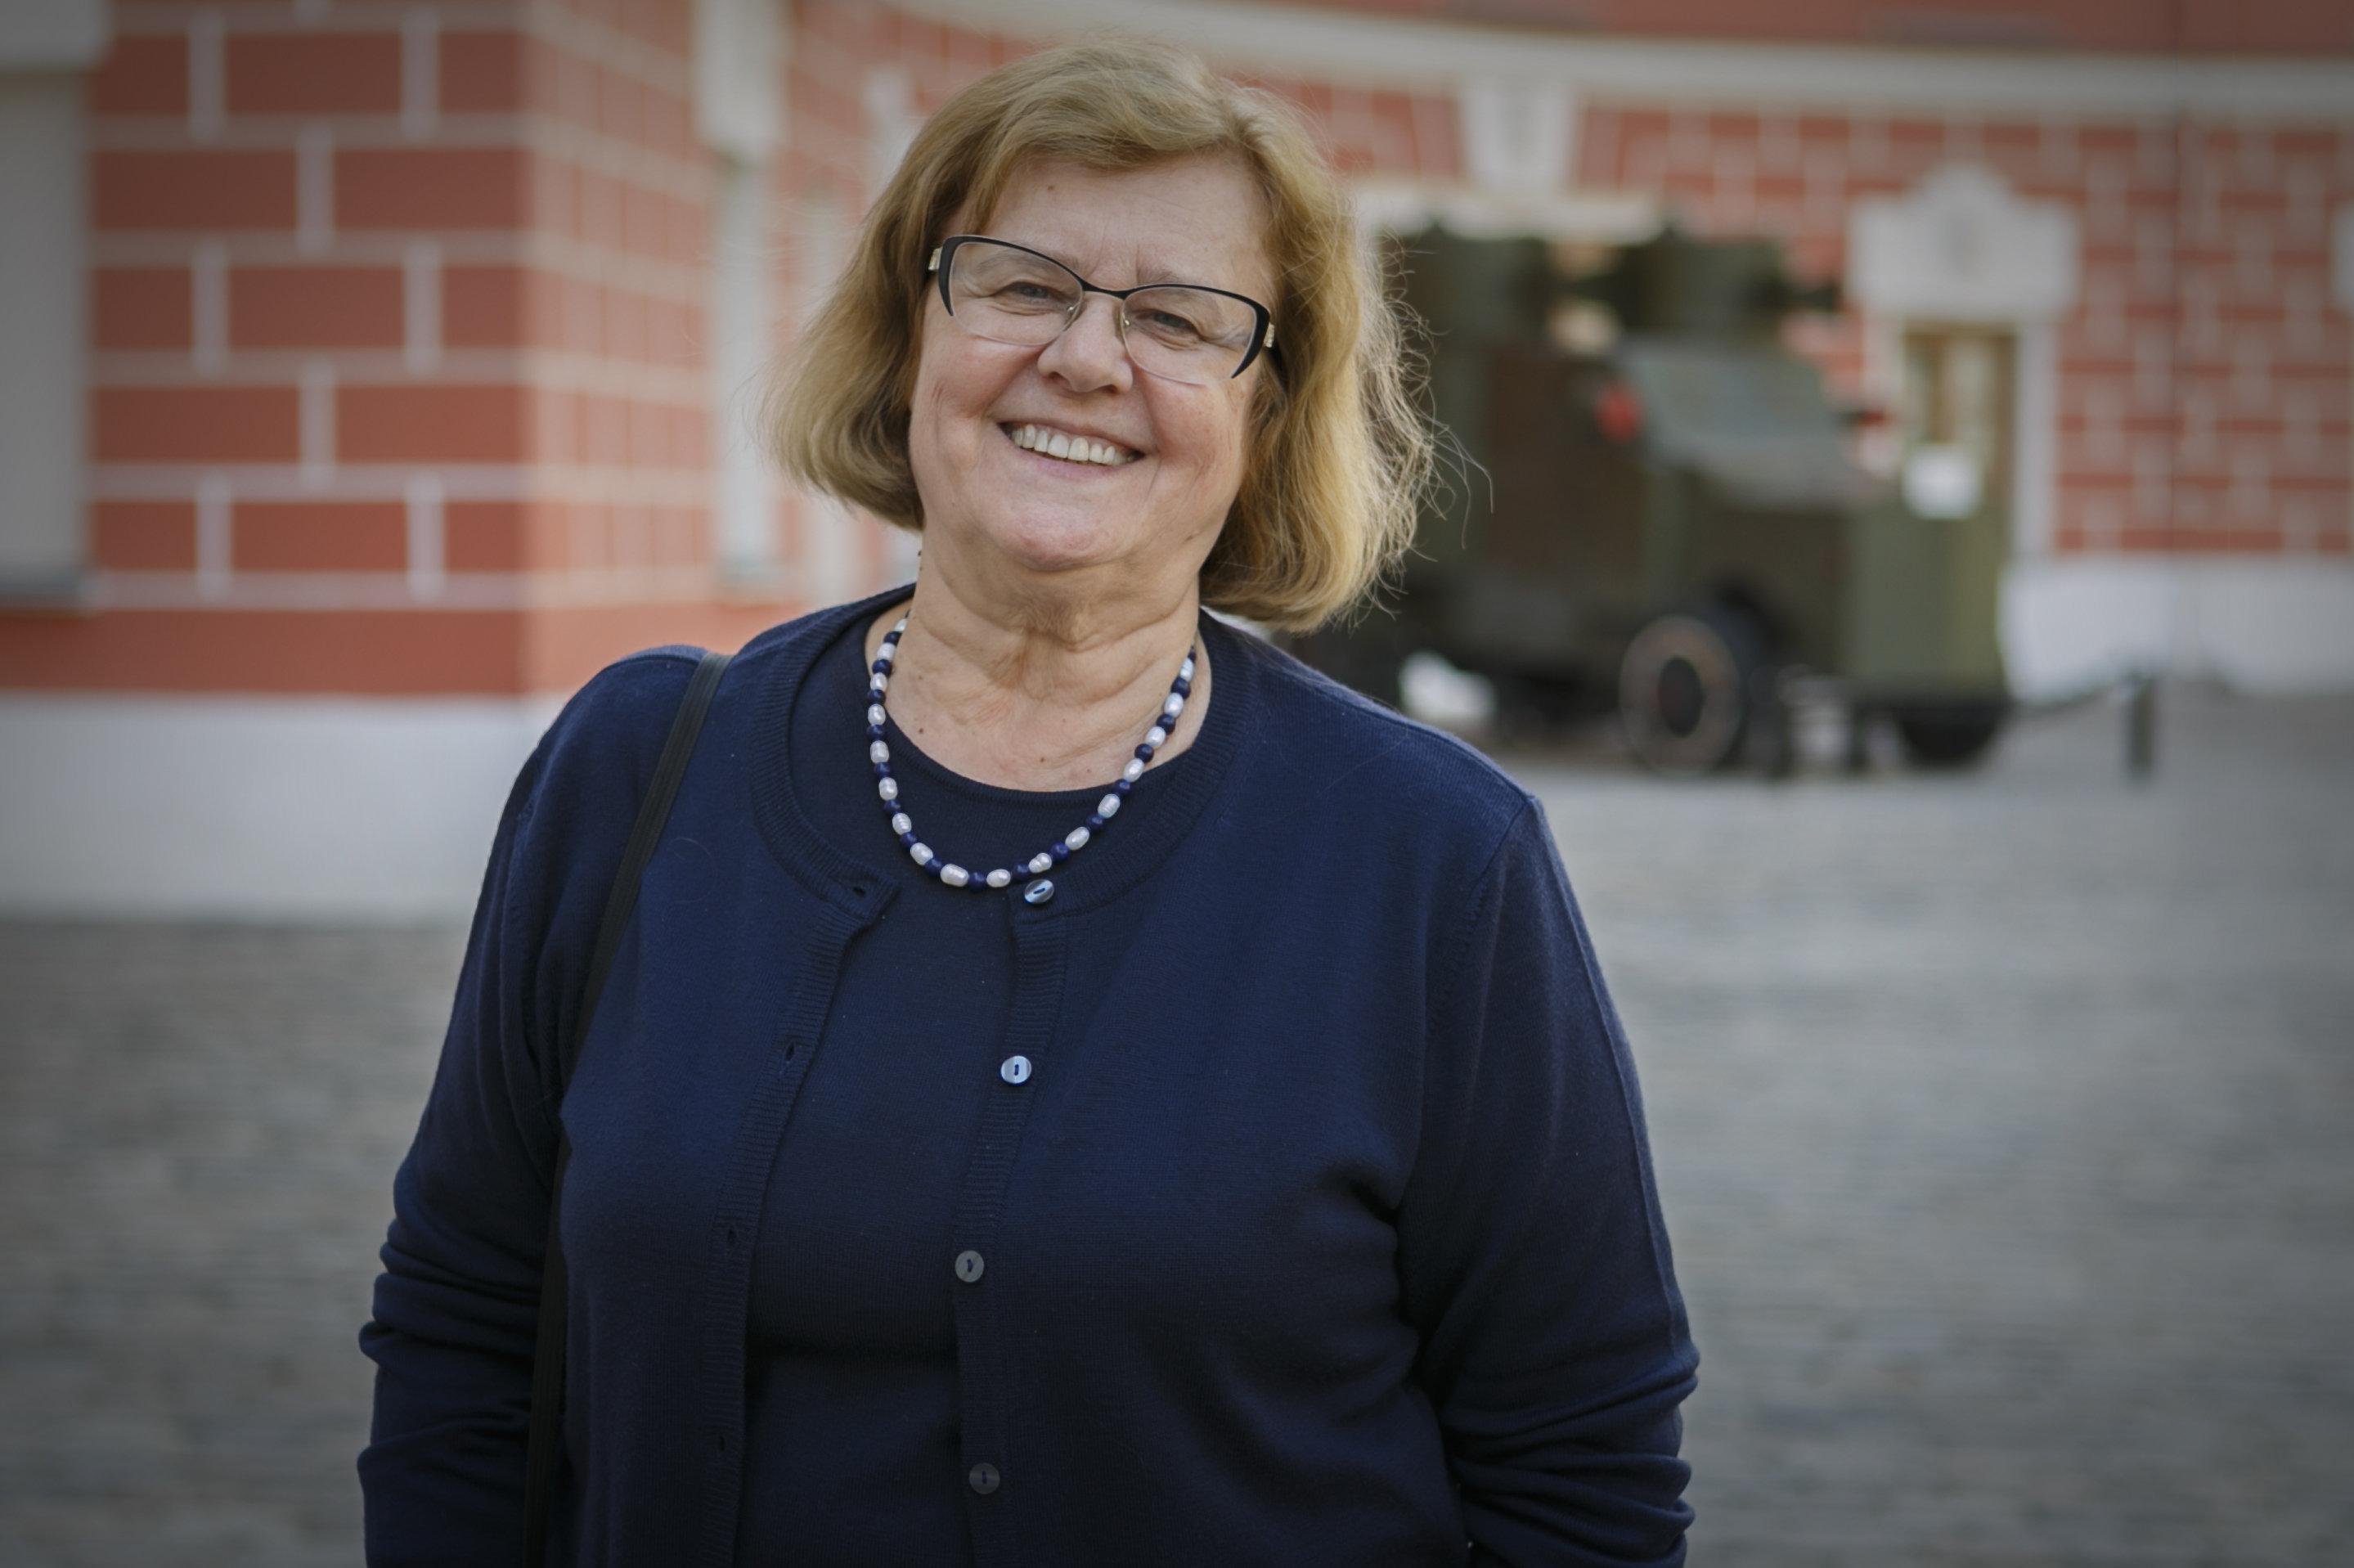 博物馆艺术研究员娜塔莉娅·卡尔柳琴科